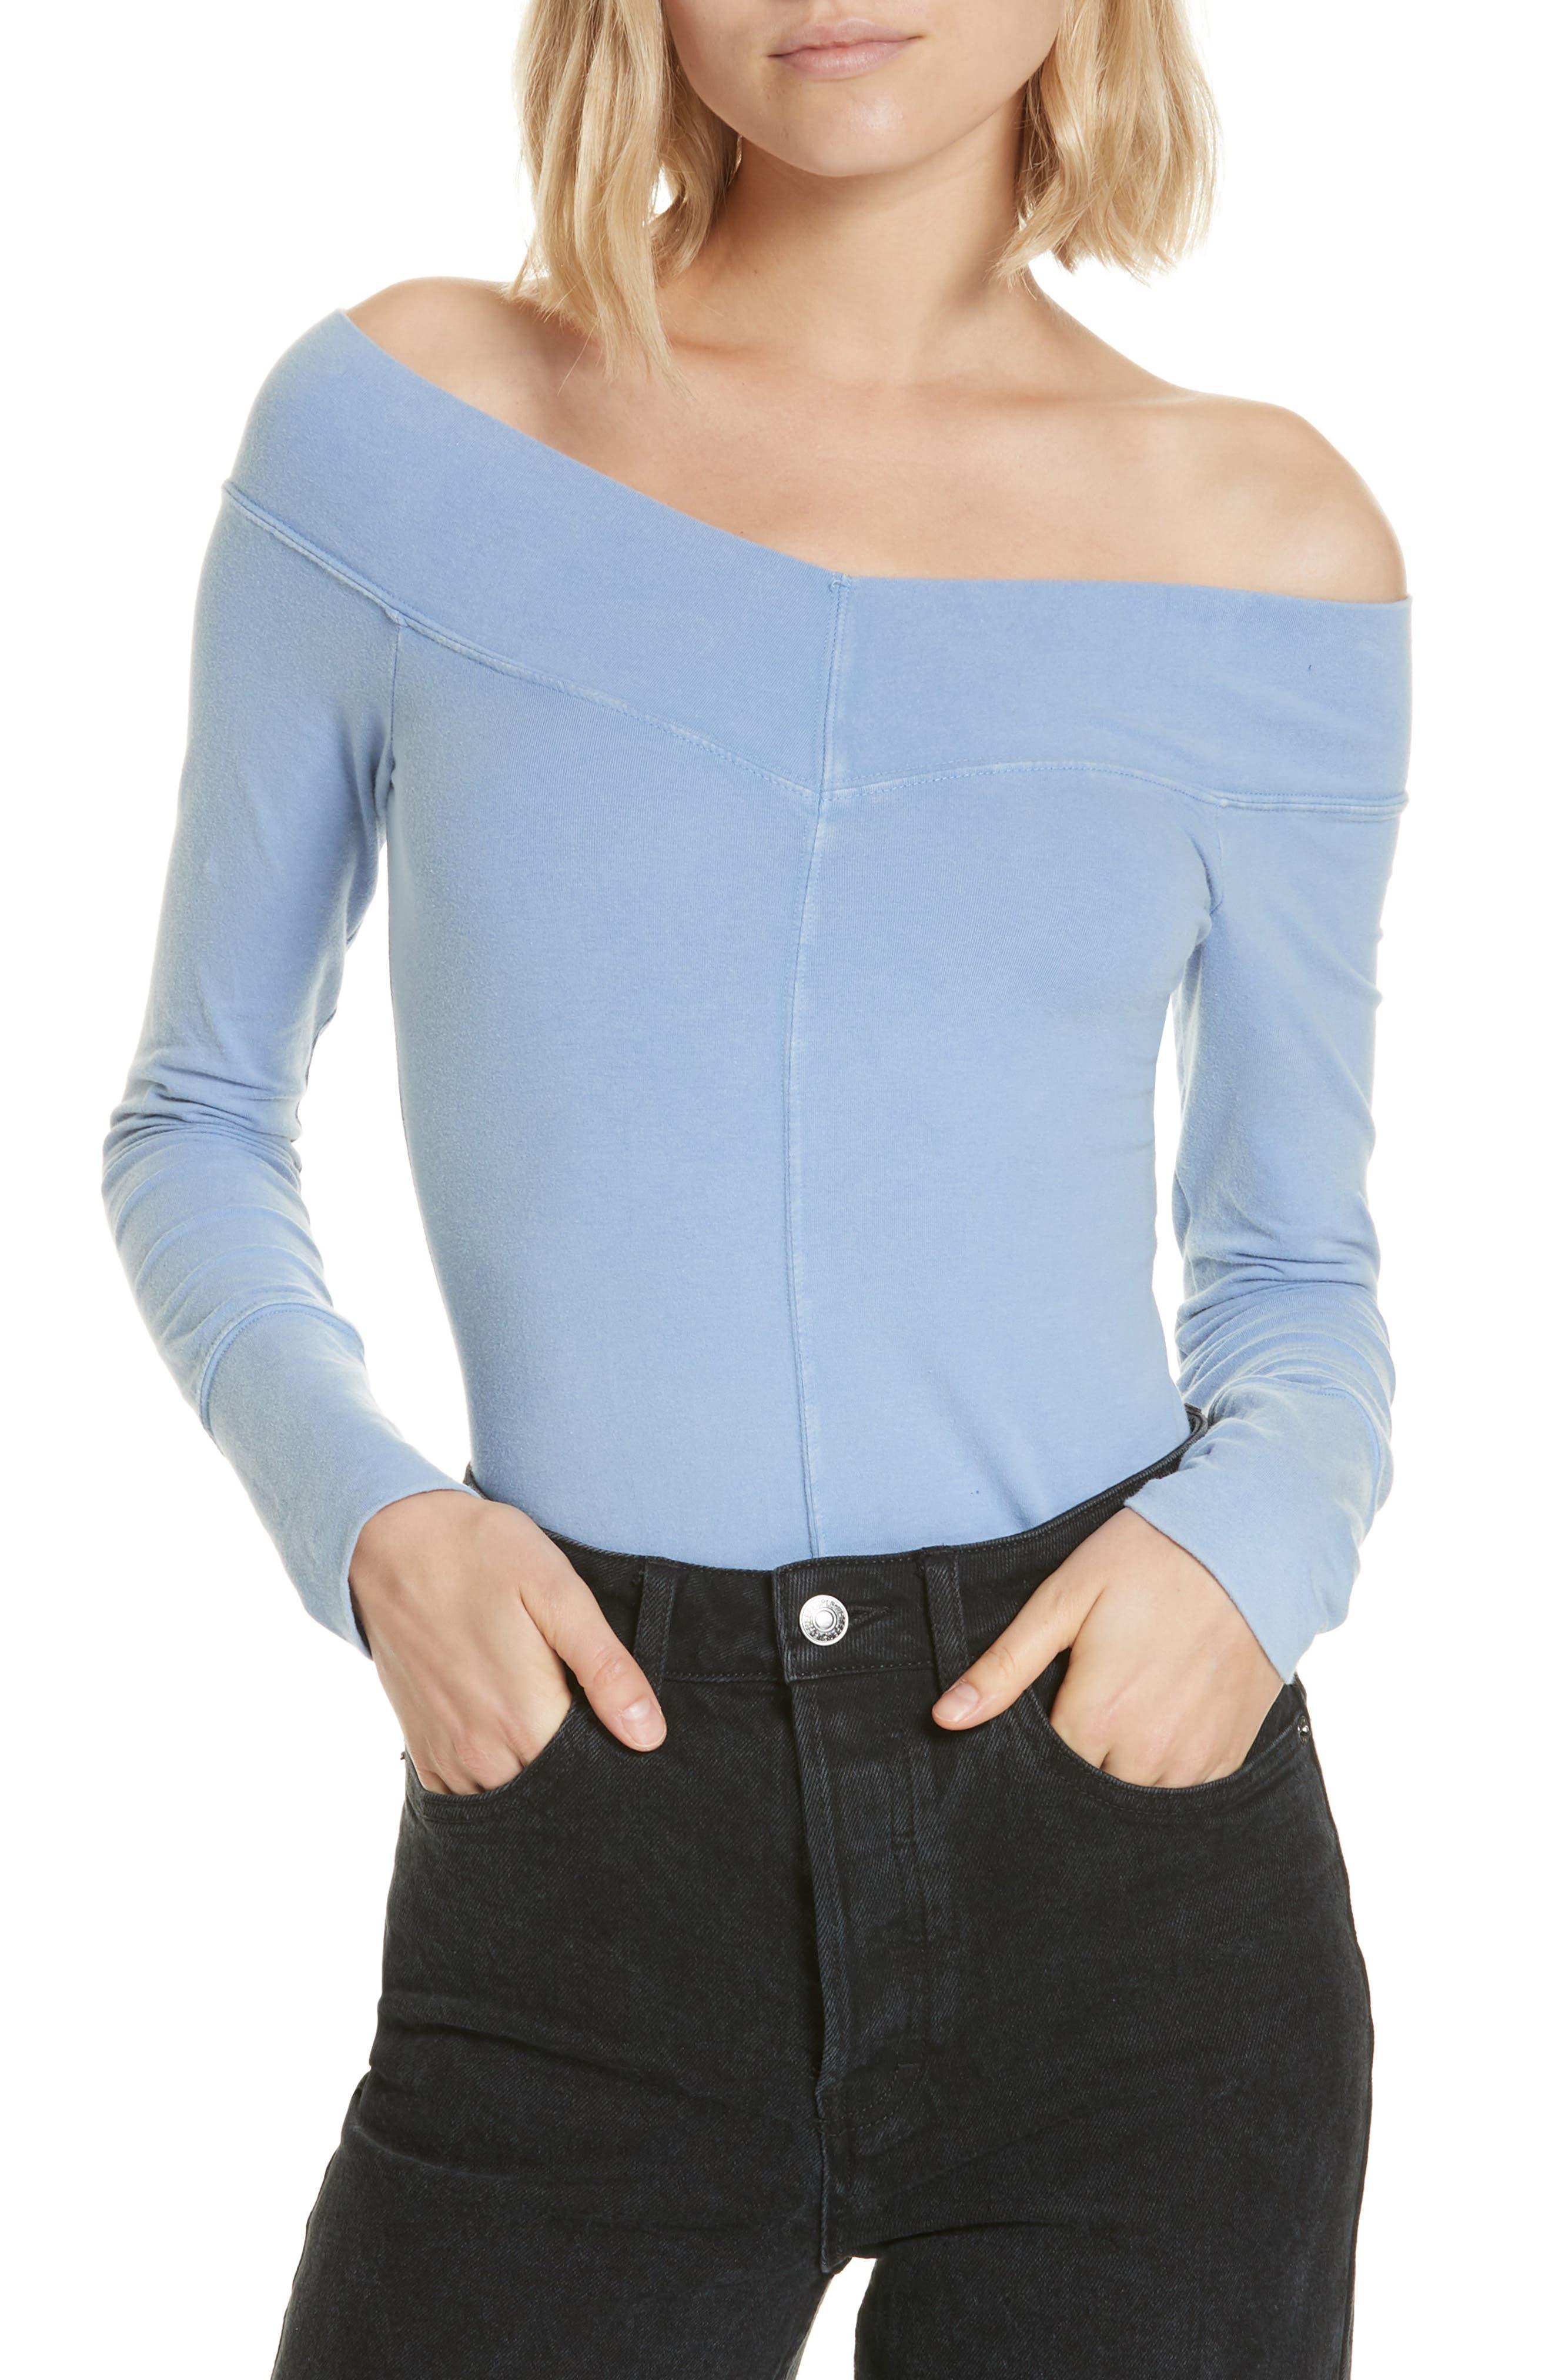 Zone Out Bodysuit,                             Main thumbnail 1, color,                             BLUE